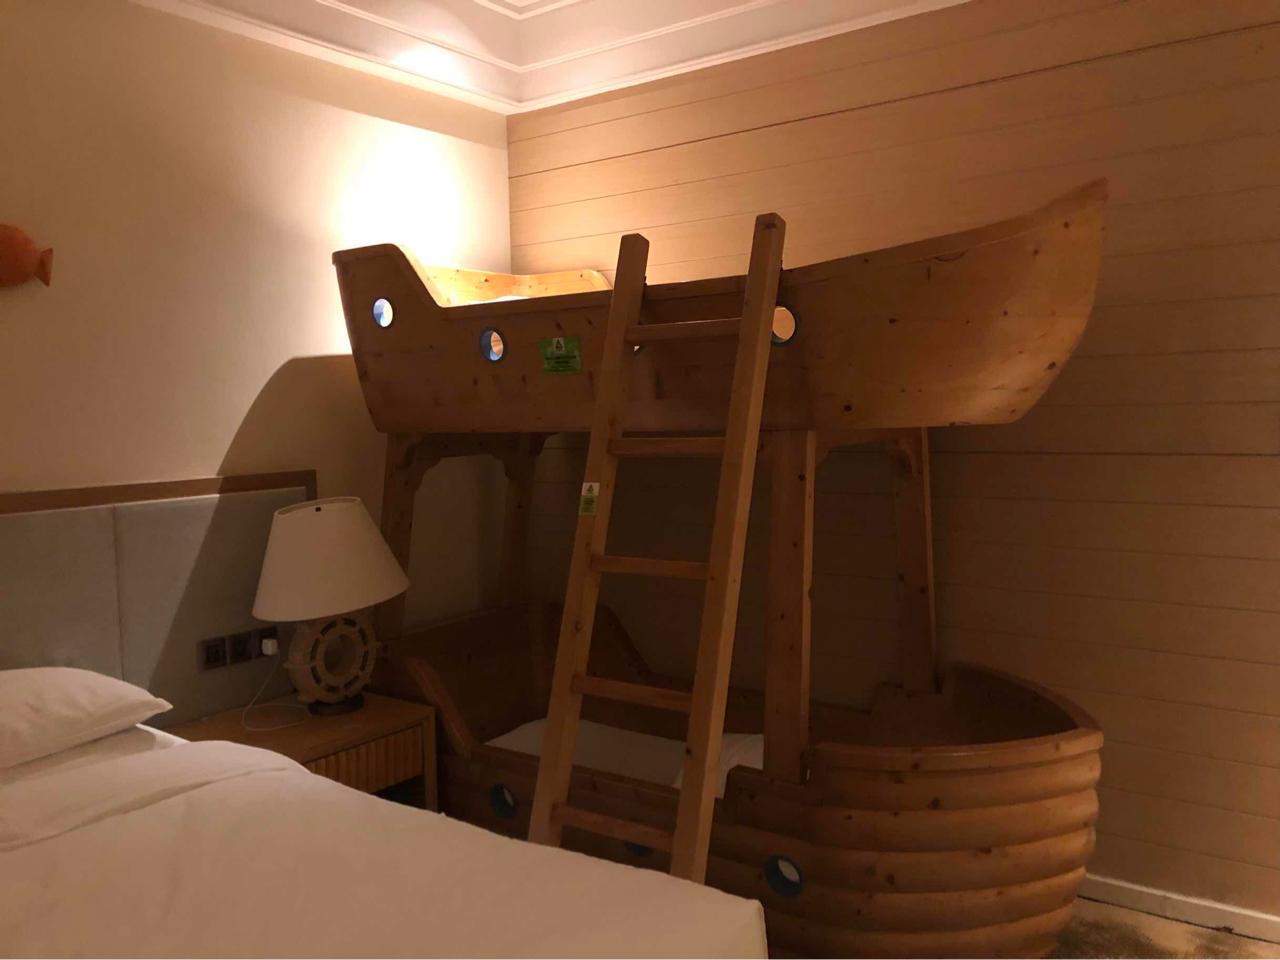 珠海长隆横琴湾酒店 珠海海豚旗舰店 度假海景房